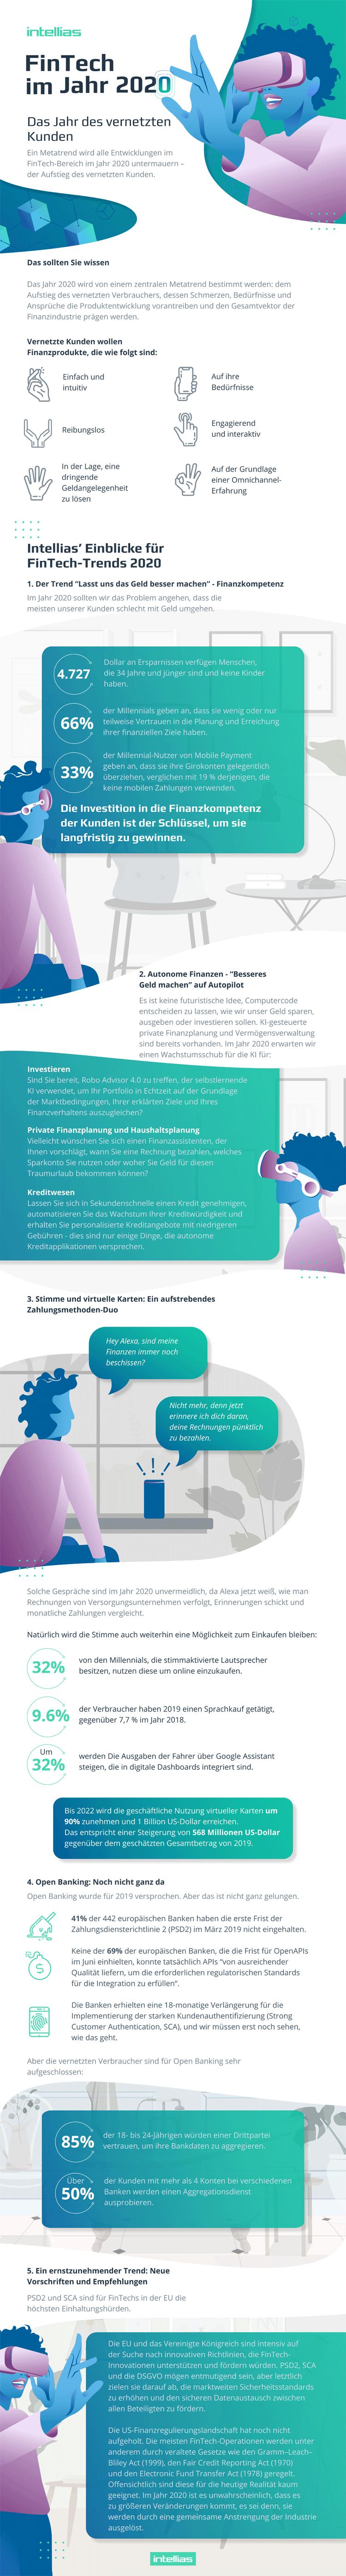 Infografik: Wichtige FinTech-Trends im Jahr 2020